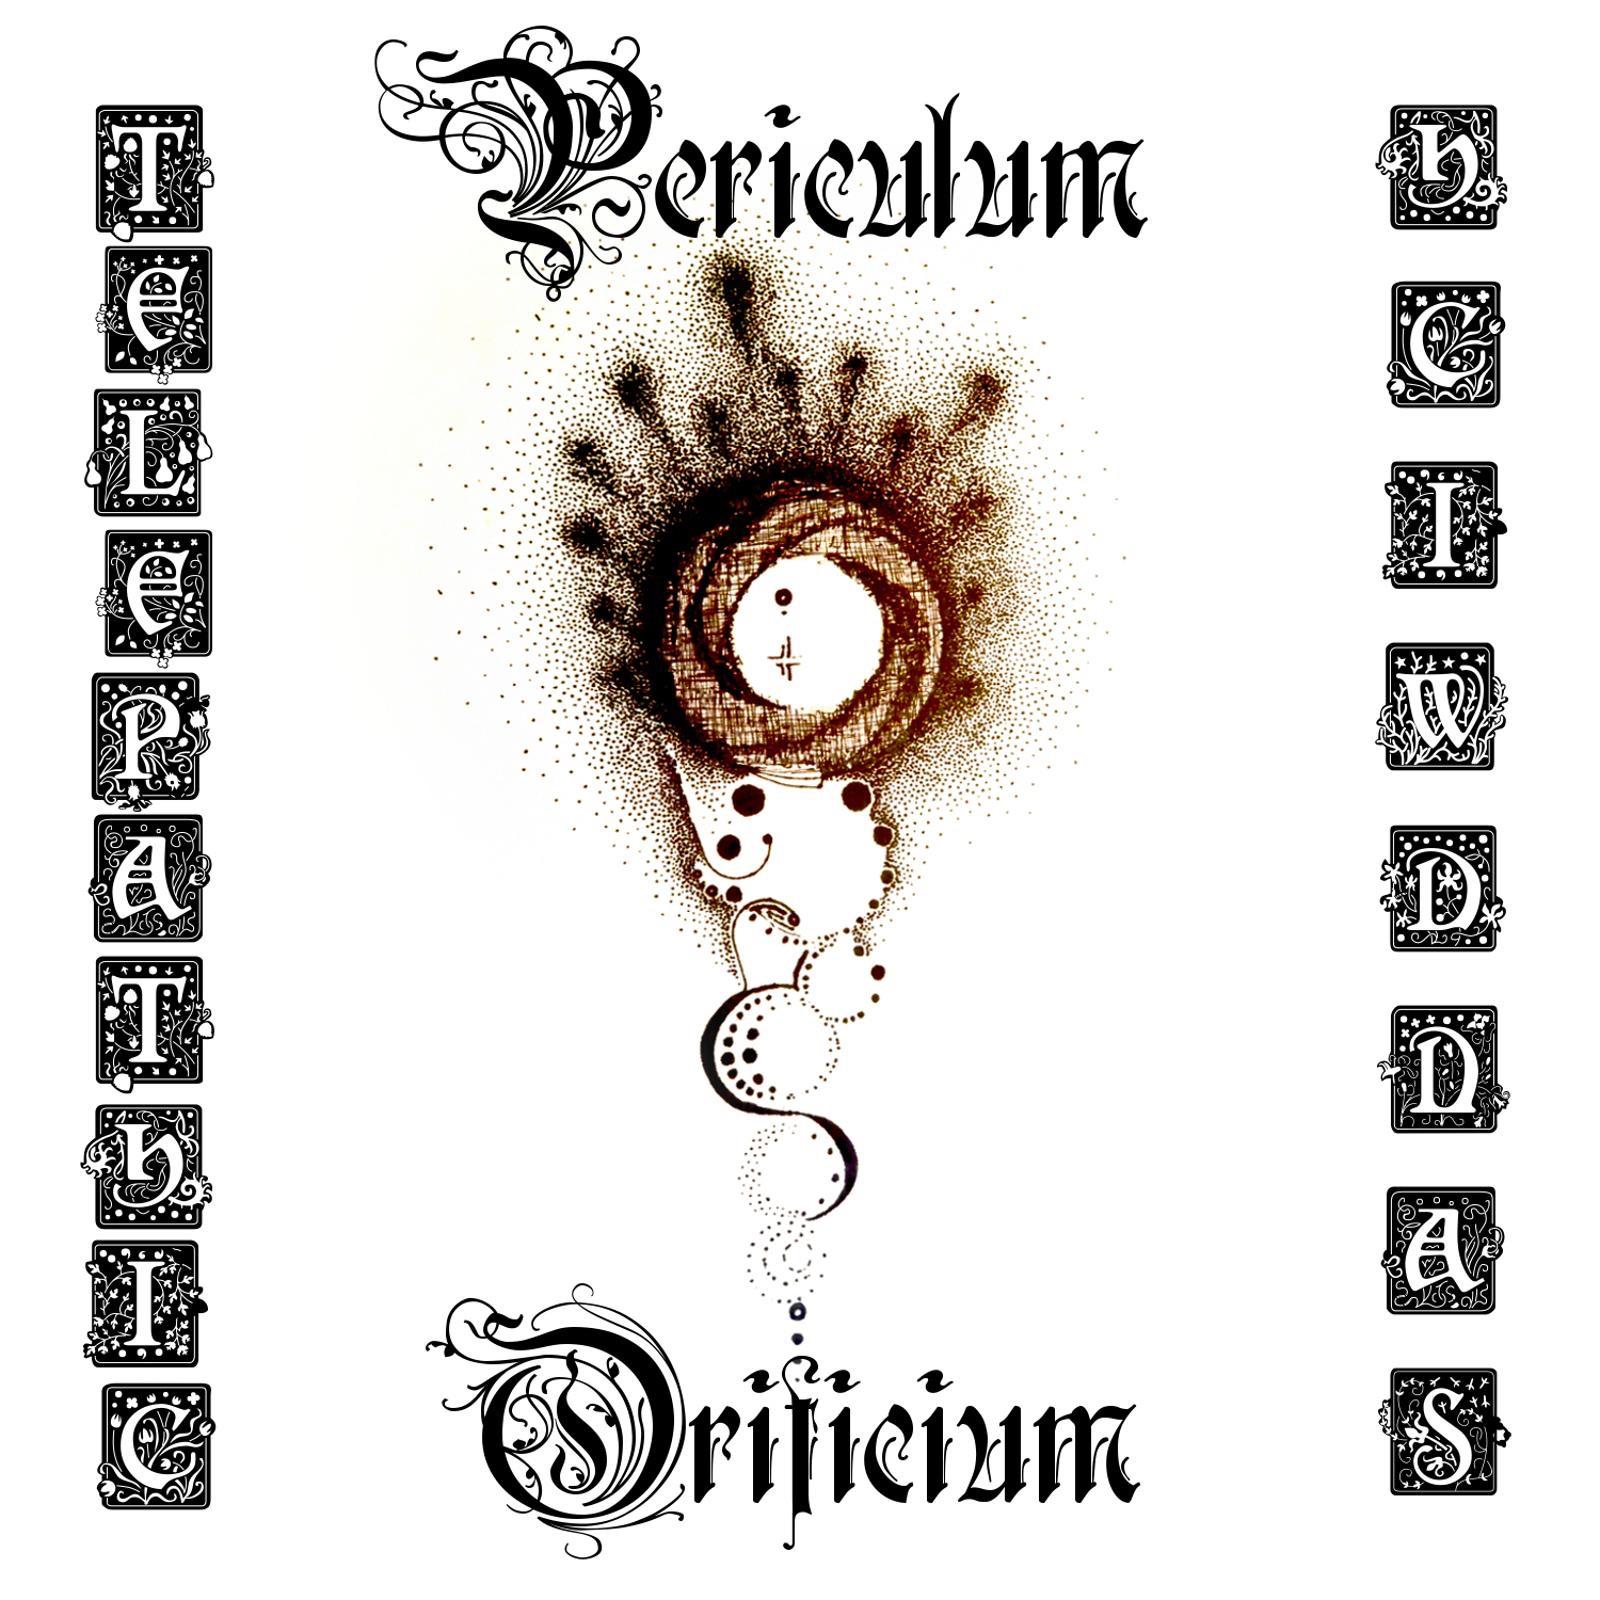 Periculum Orificium